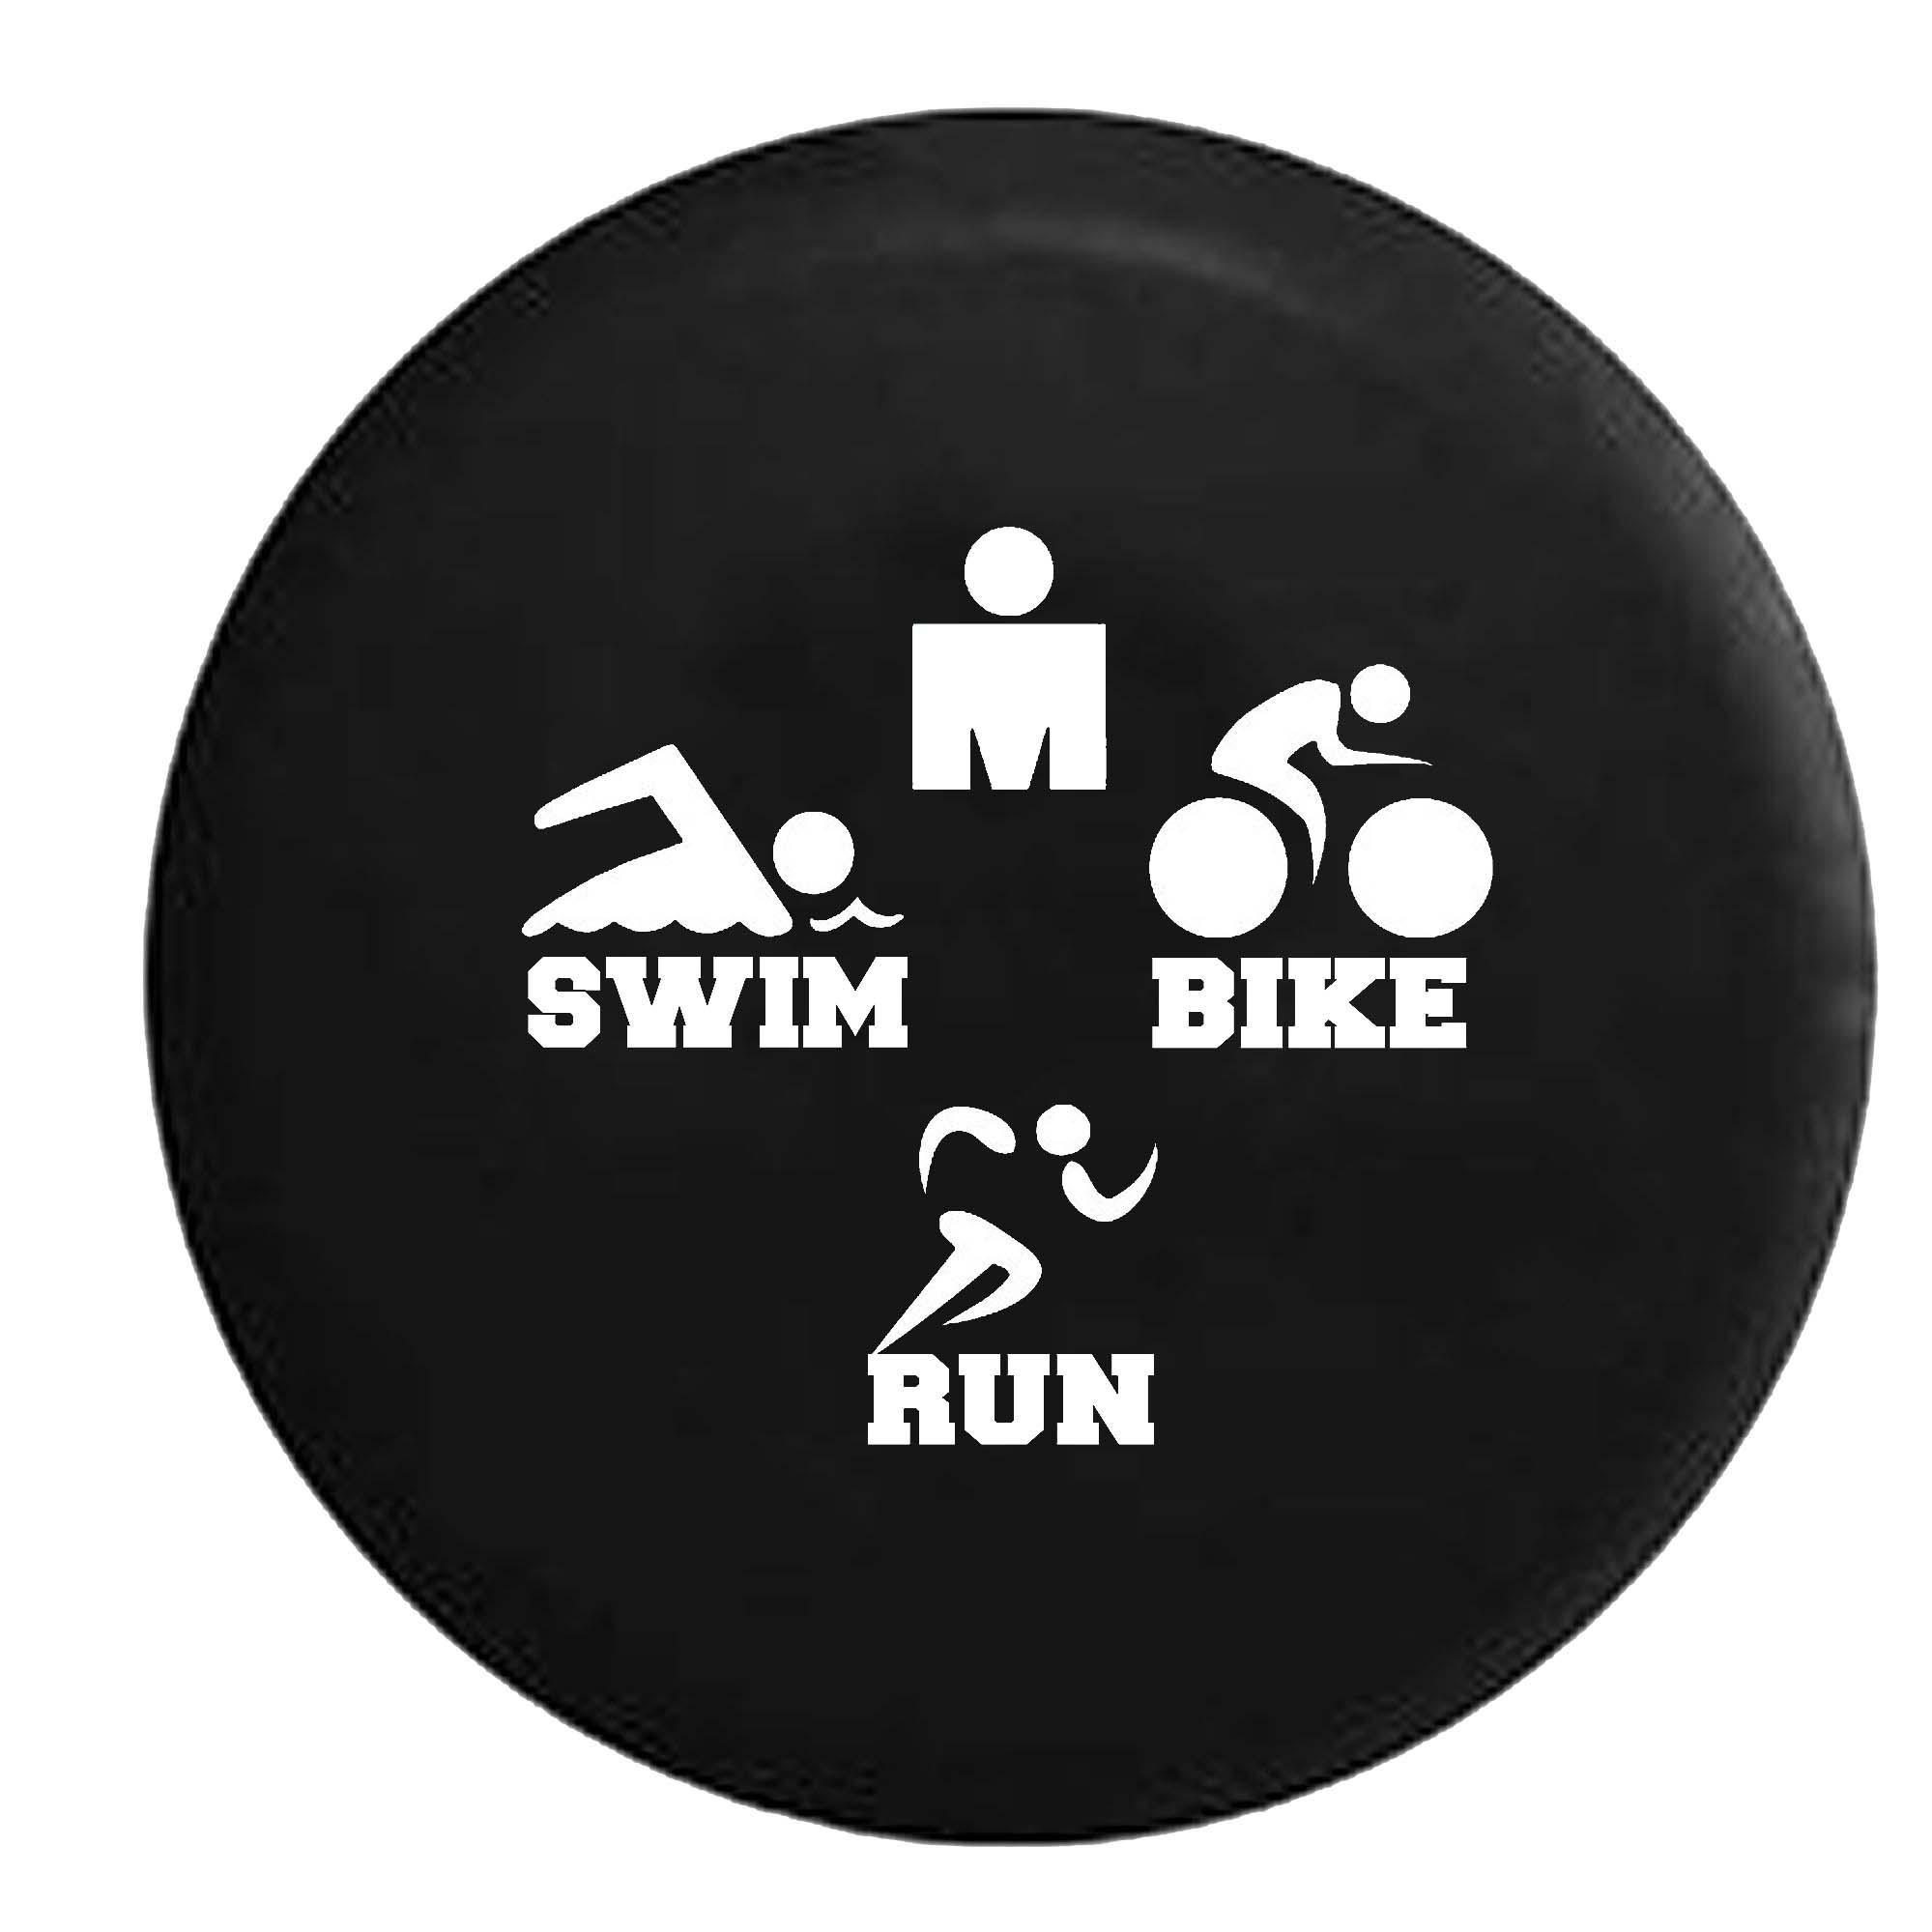 Swim Bike Run Tri Triathlon 5k 13.1 Racing Athlete Fitness Je Spare Tire Cover Black 29 in